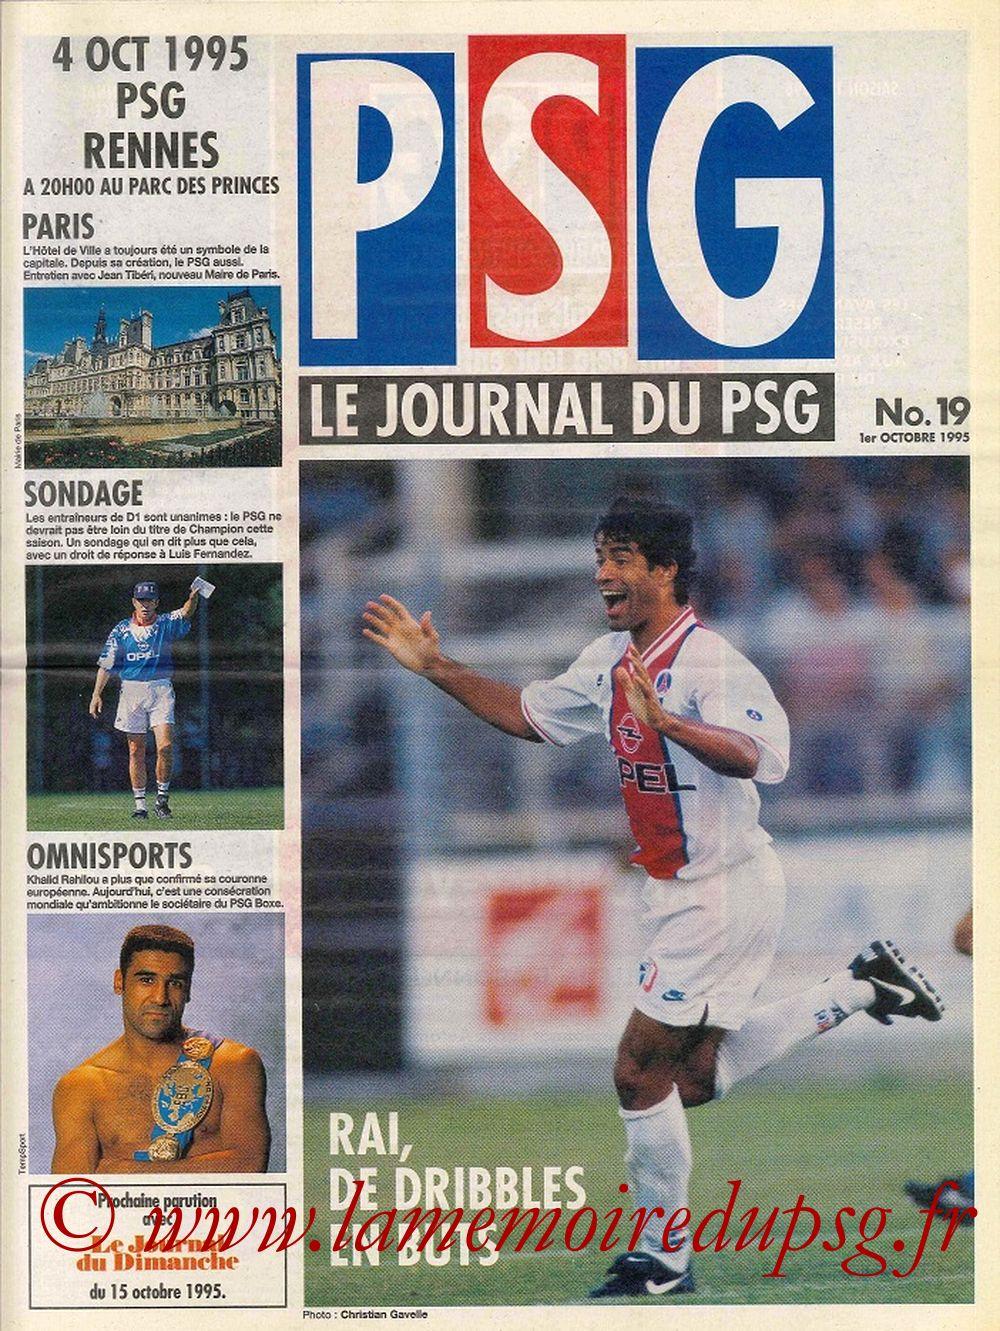 1995-10-04  PSG-Rennes (12ème D1, Le journal du PSG N°19)